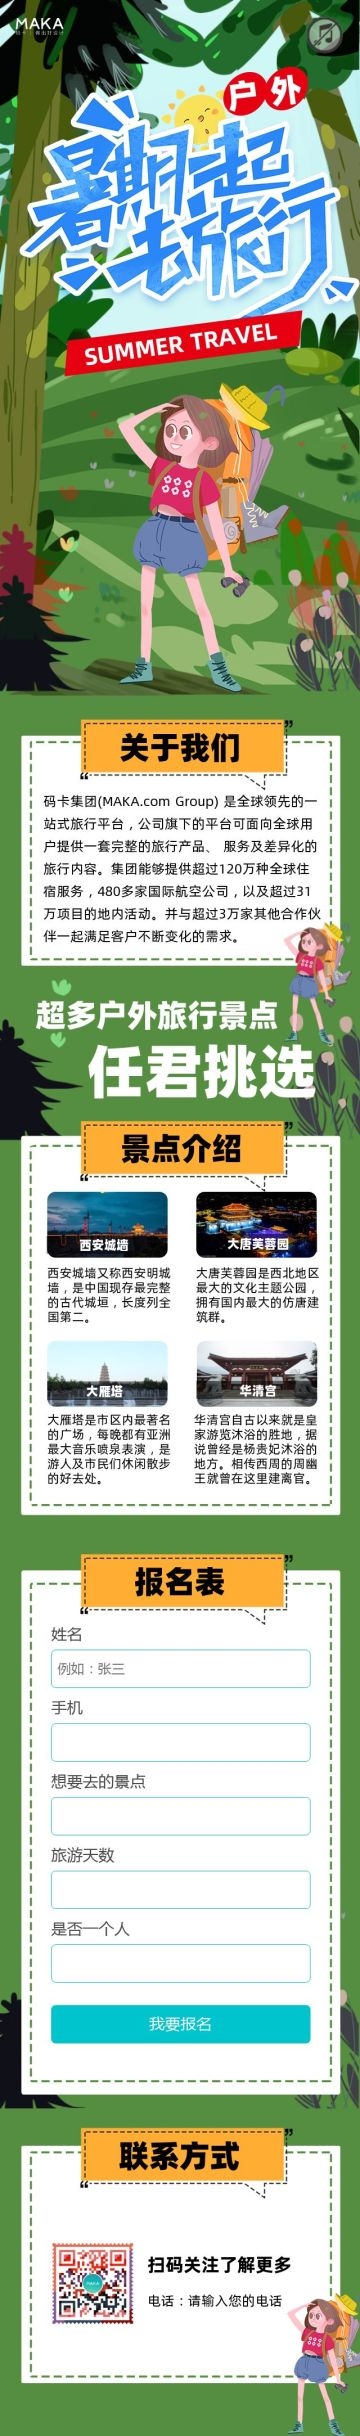 绿色清新卡通风旅游行业夏季亲子旅游招生宣传推广长页H5